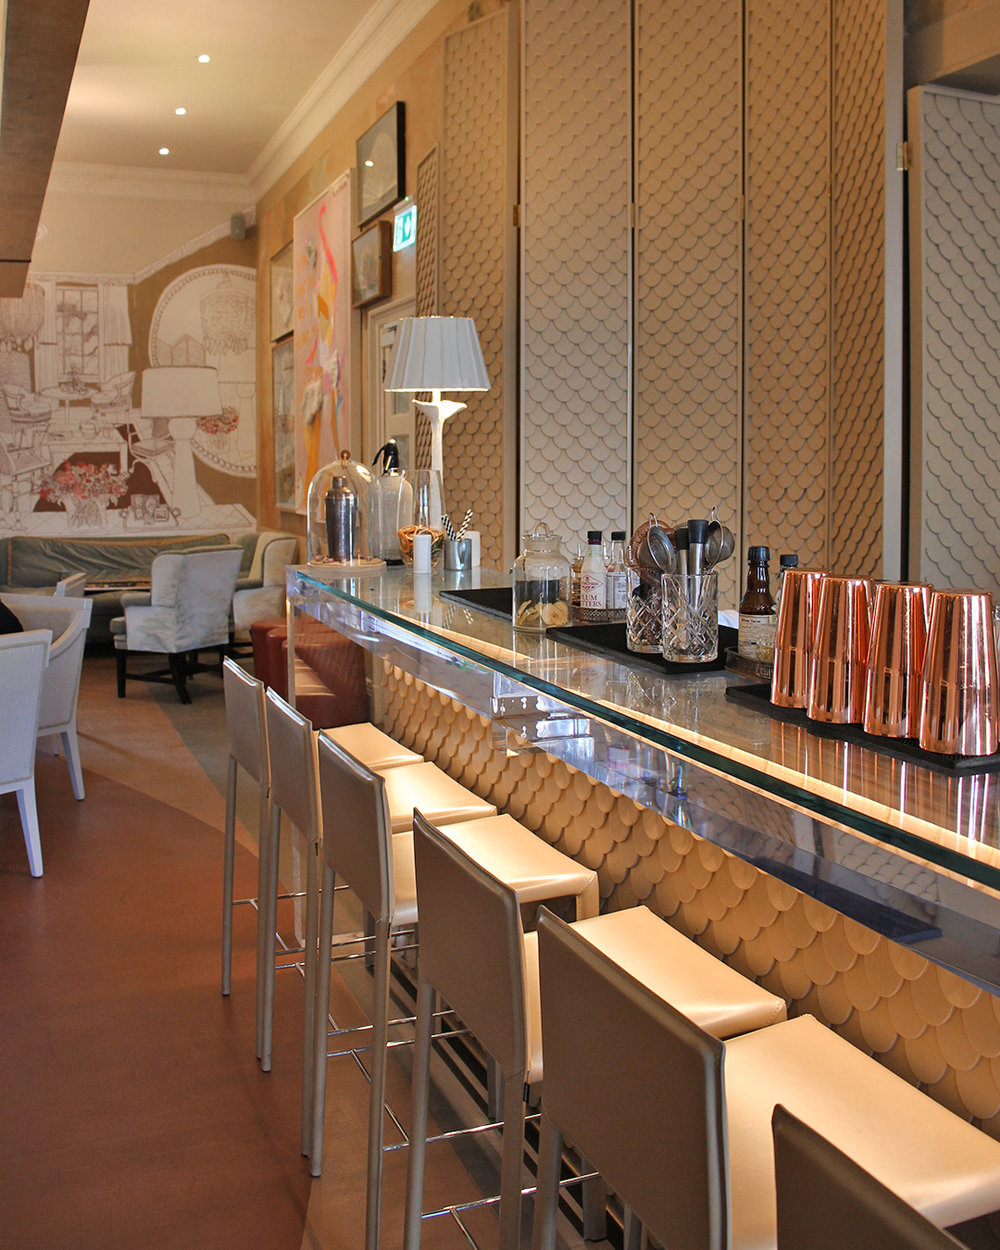 Bath-mini-break-staycation-no-15-great-pulteney-hotel-bar-nancy-straughan-review.jpg